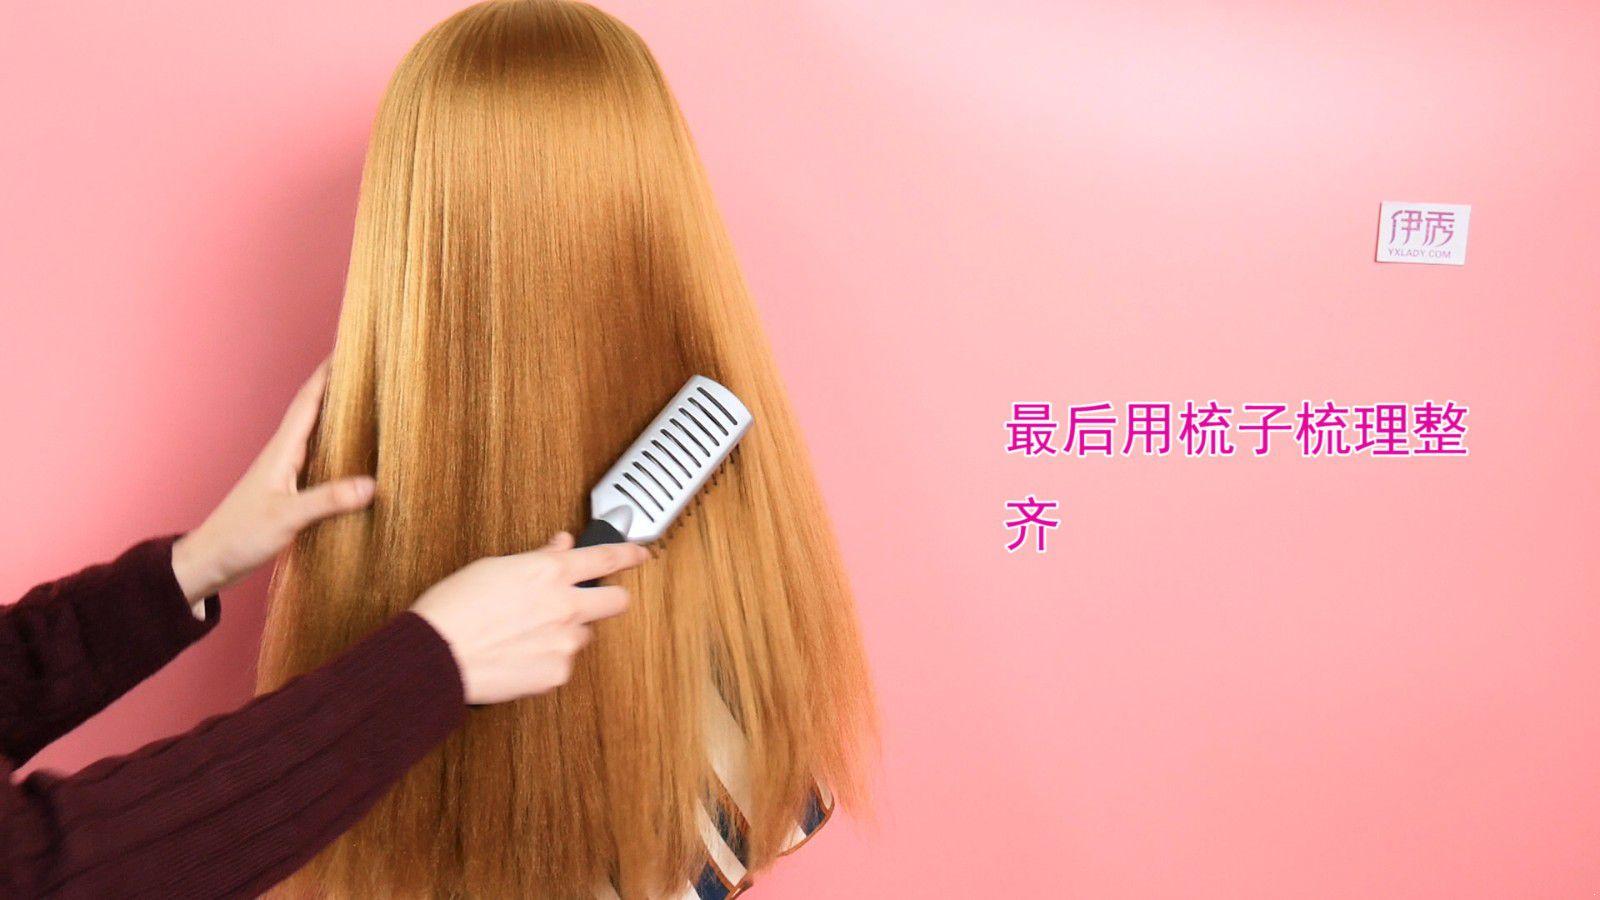 头发分叉怎么办|头发分叉|头发干枯|